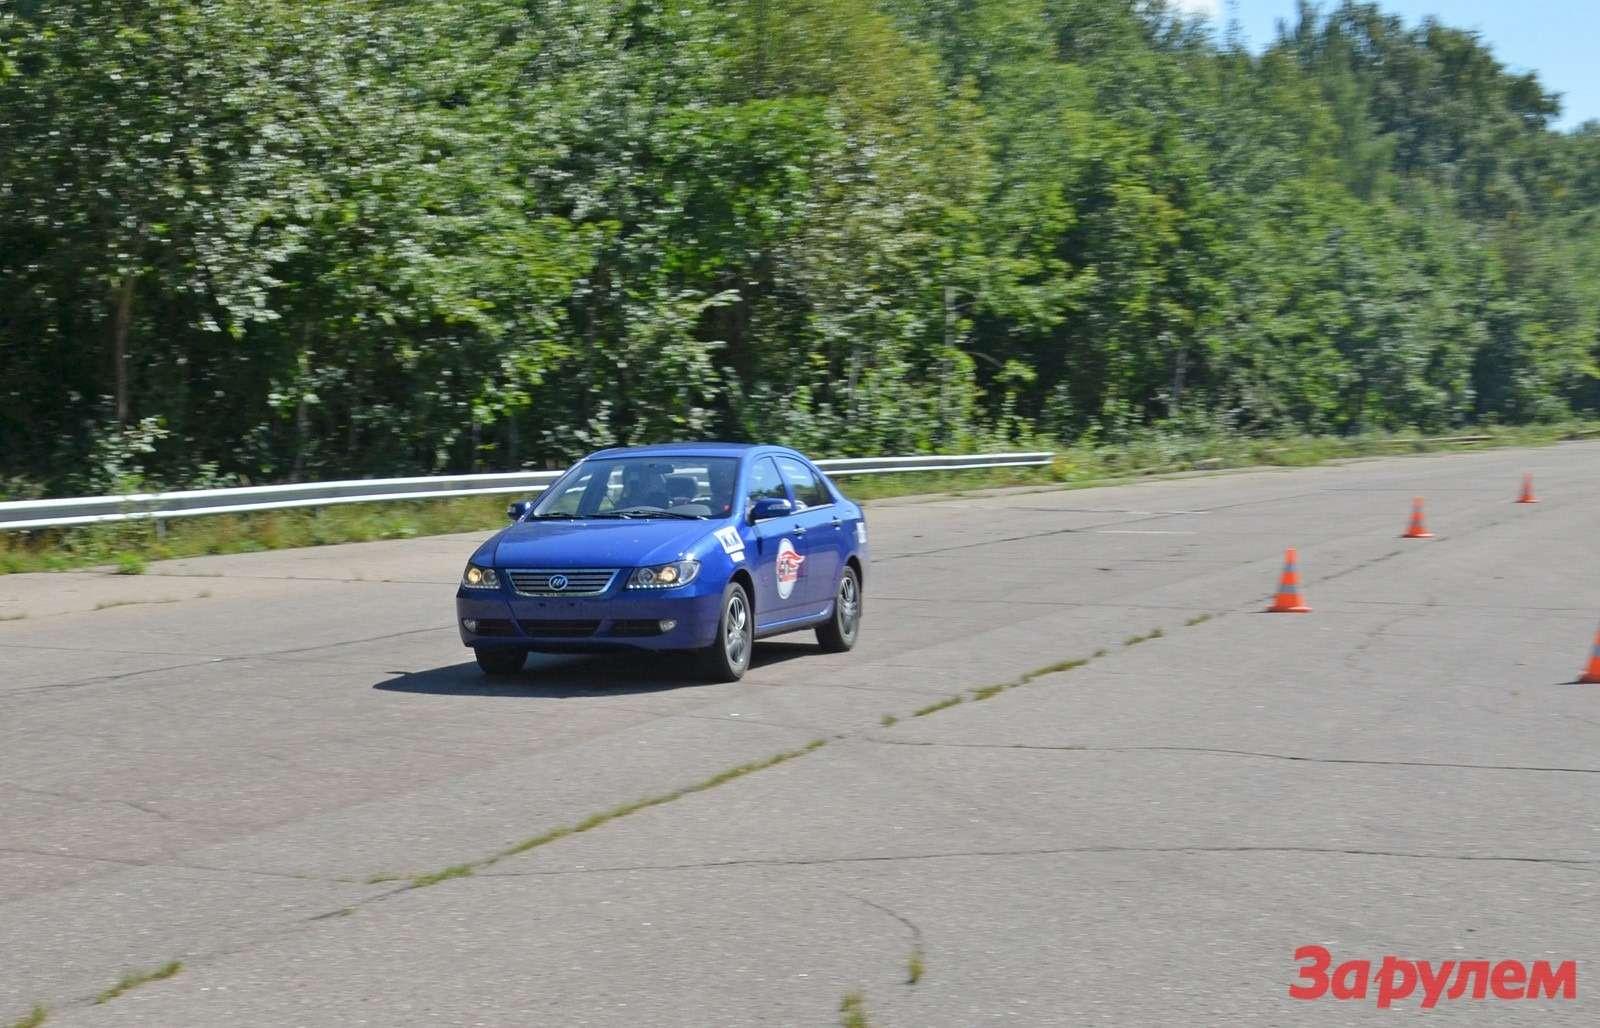 Синей машине Lifan Solano повезло меньше других